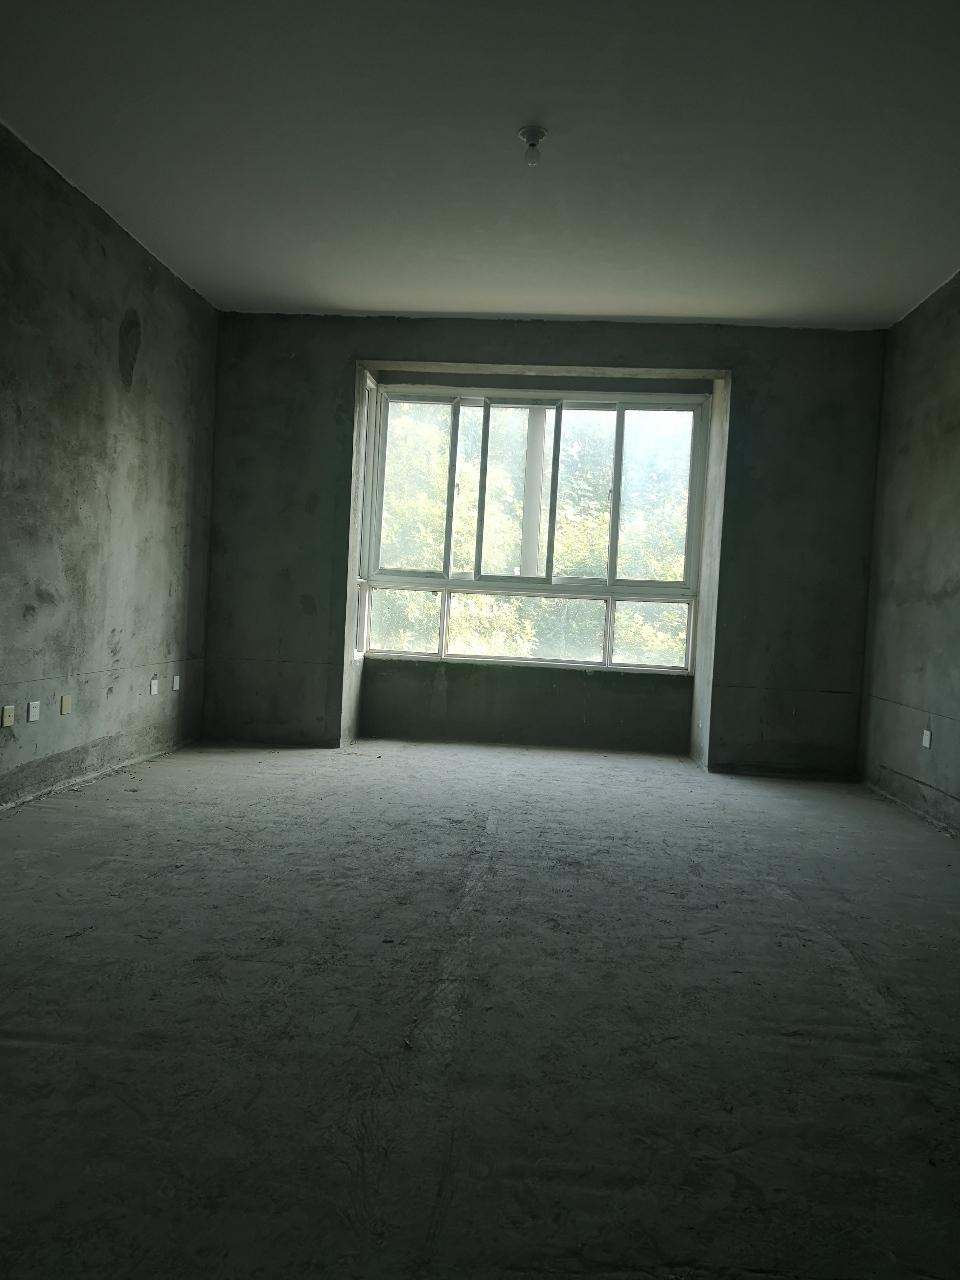 新城花园3室 2厅 1卫88万元毛坯带车库